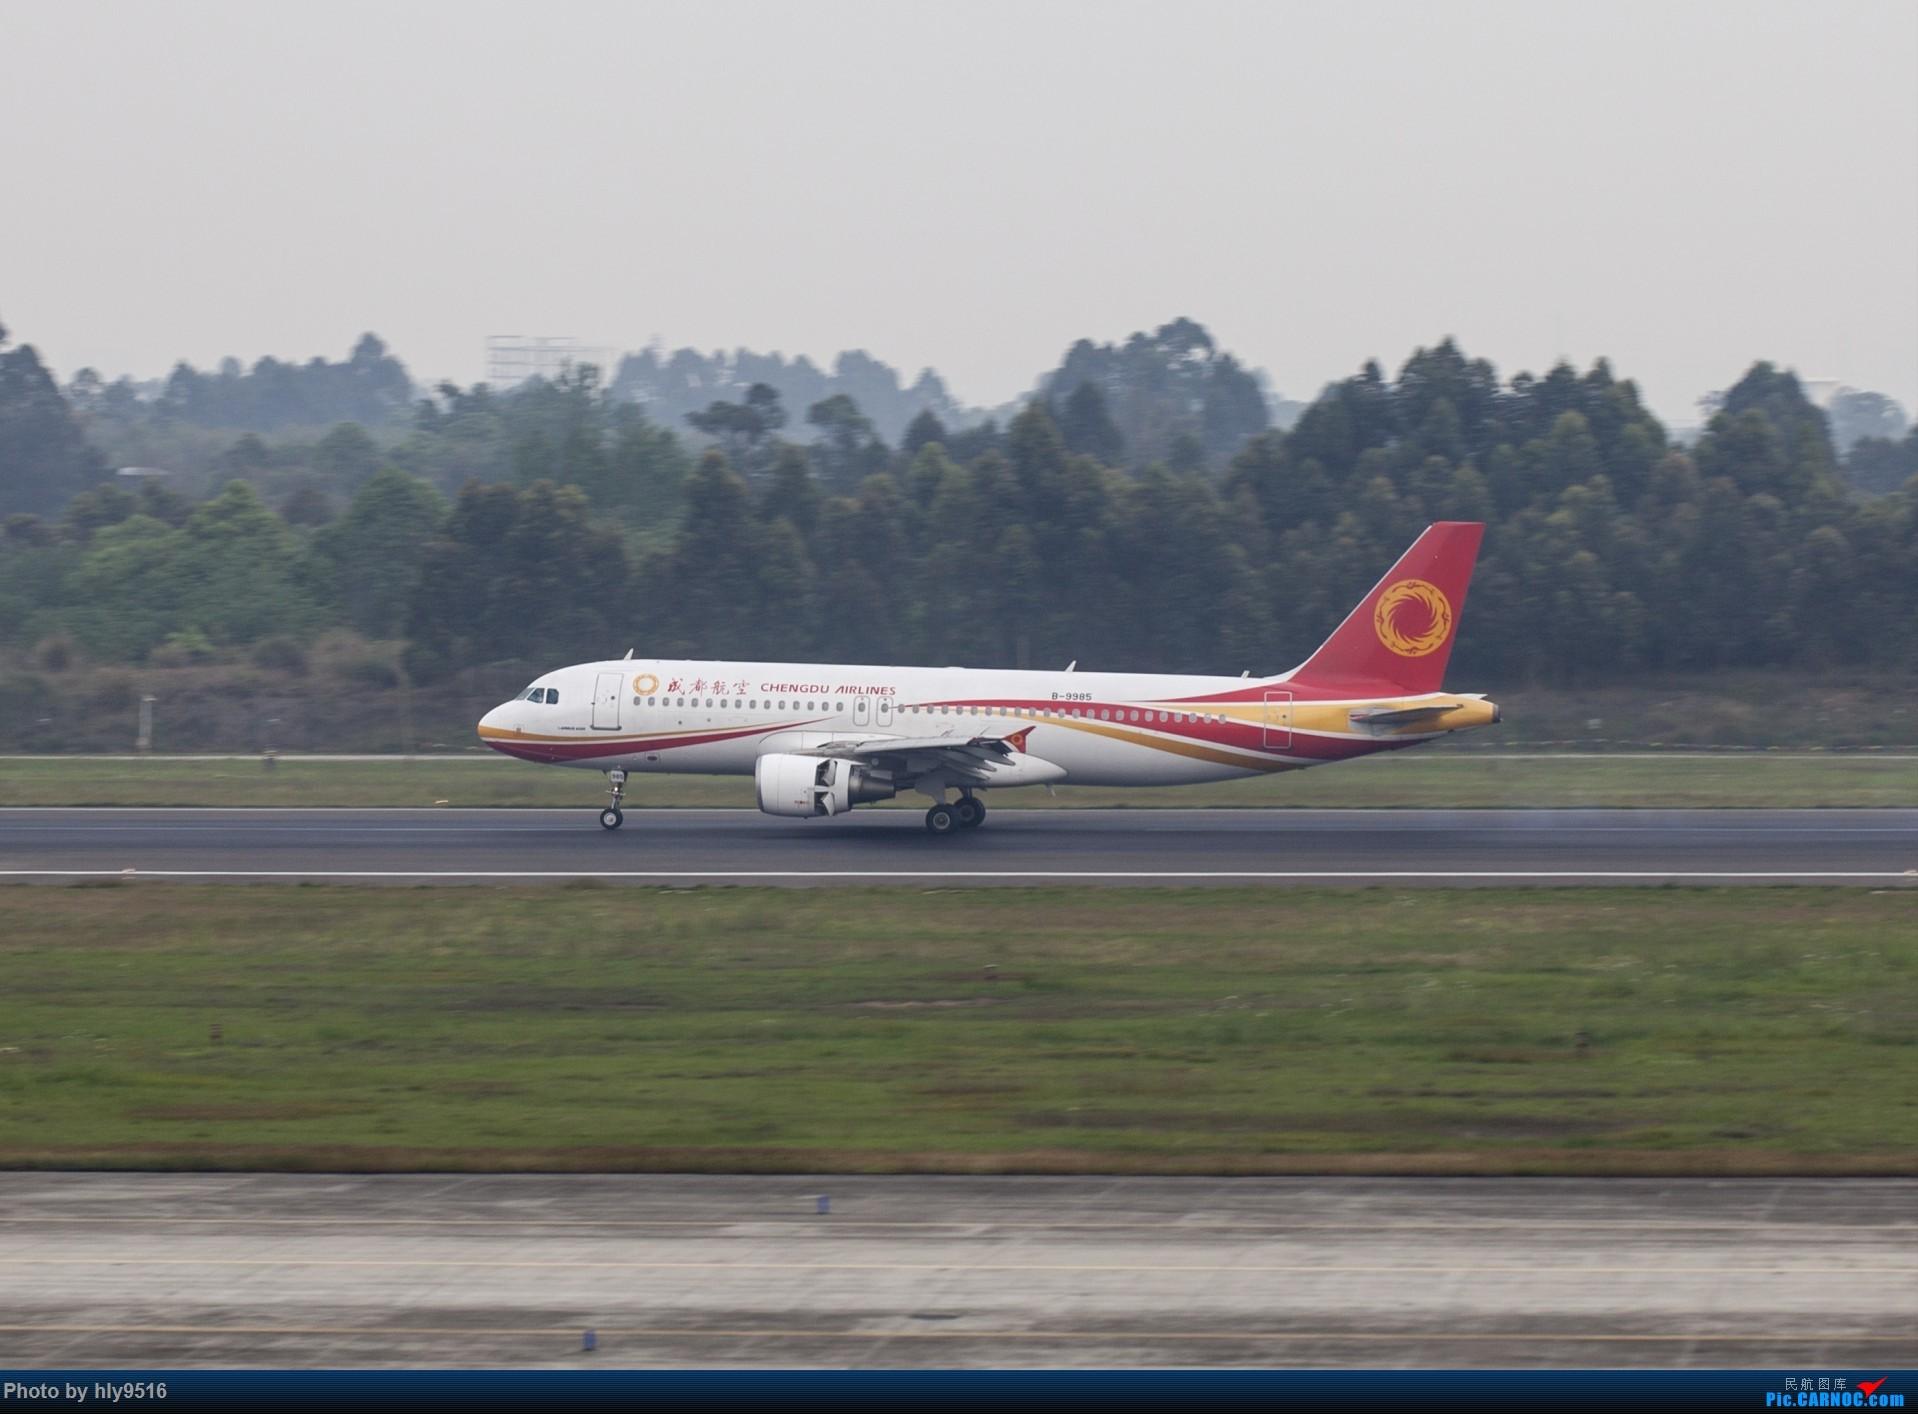 Re:[原创]【CTU】终于解决了大怨念南航A380 偶遇长荣新涂装 两次复飞 小怨念若干 AIRBUS A320-200 B-9985 中国成都双流国际机场